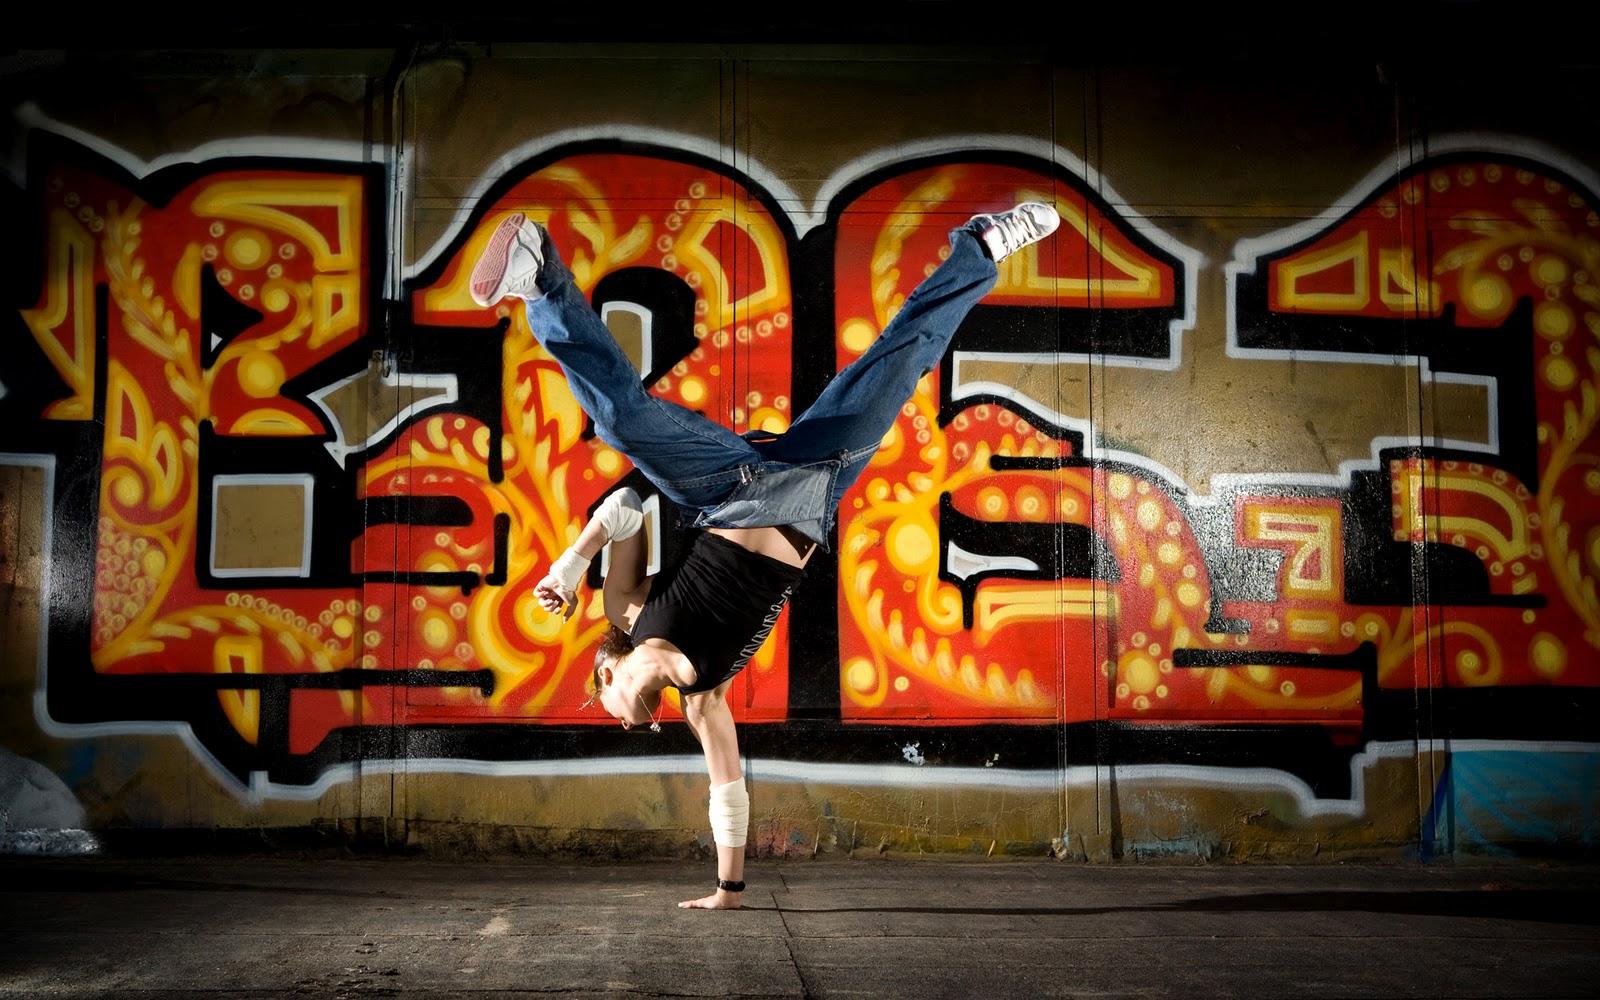 http://4.bp.blogspot.com/_g31KVvREHW4/TP9UHUnd5JI/AAAAAAAABVc/ejZVmasj96c/s1600/Hip+Hop+Styles.jpg+%252814%2529.jpg